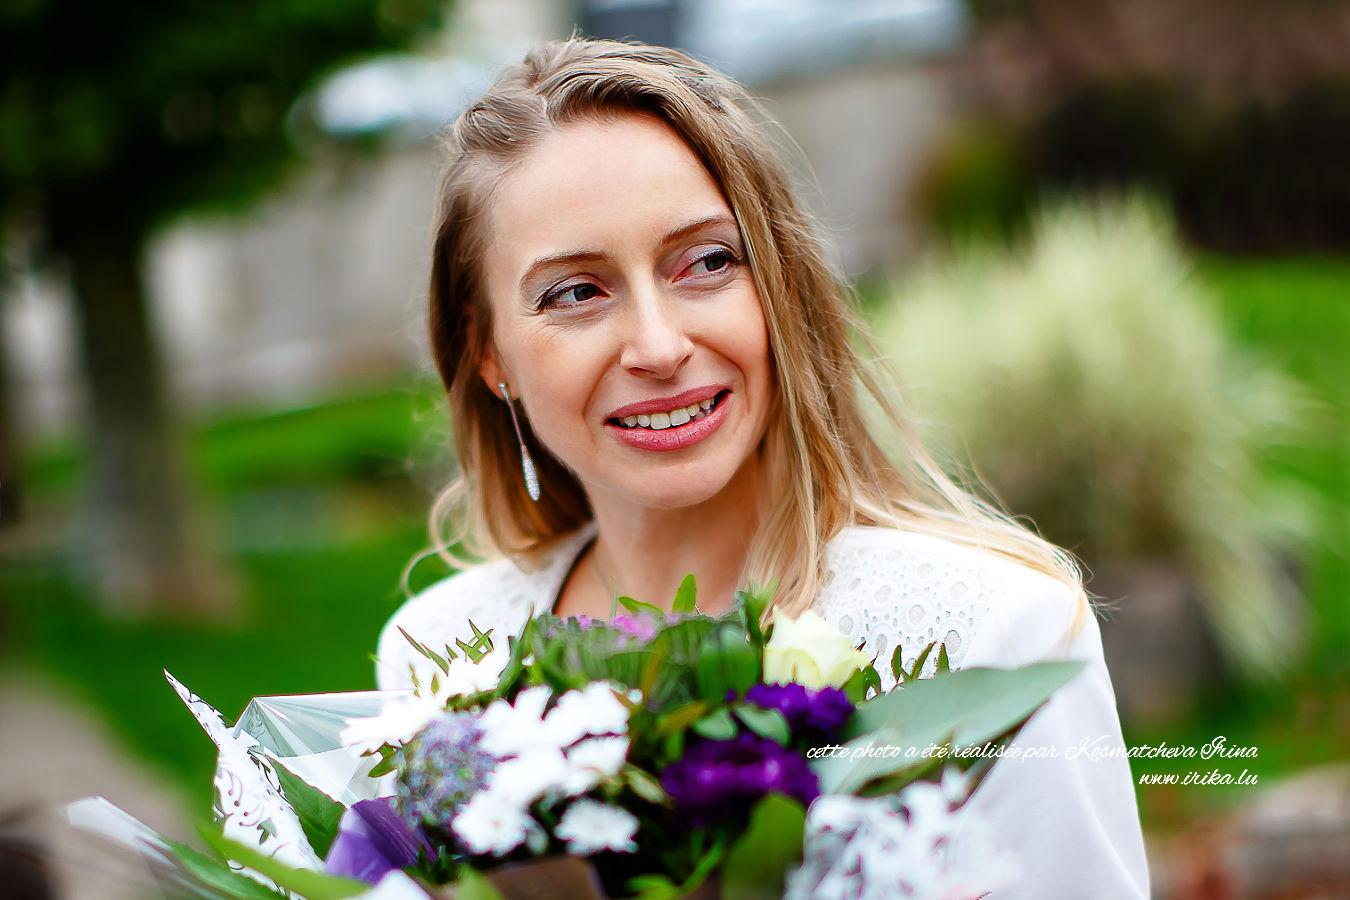 Un joli portrait d'Olga aux fleurs